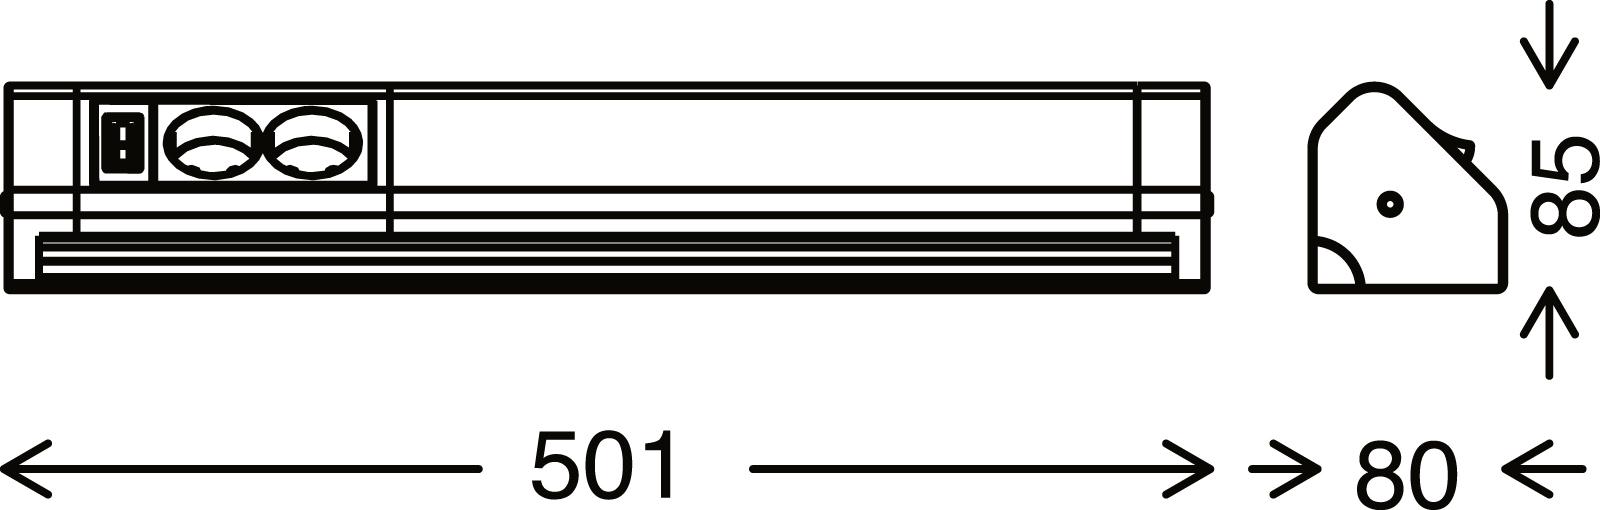 TELEFUNKEN LED Unterbauleuchte, 50,1 cm, 10 W, Weiß